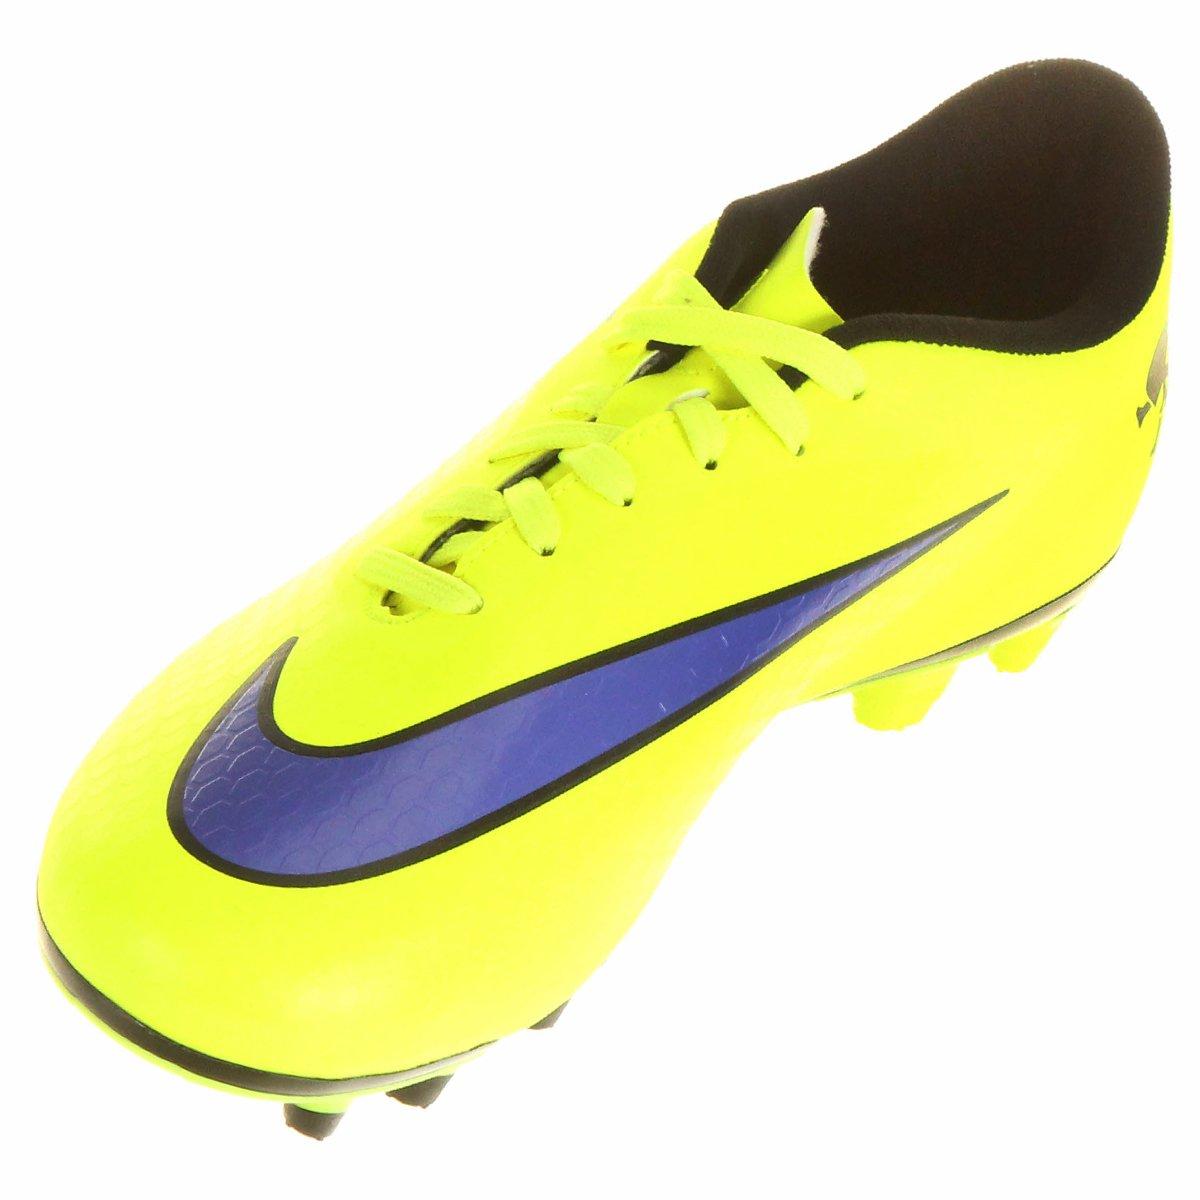 b72e1d068d Chuteira Nike Hypervenom Phade FG - Compre Agora